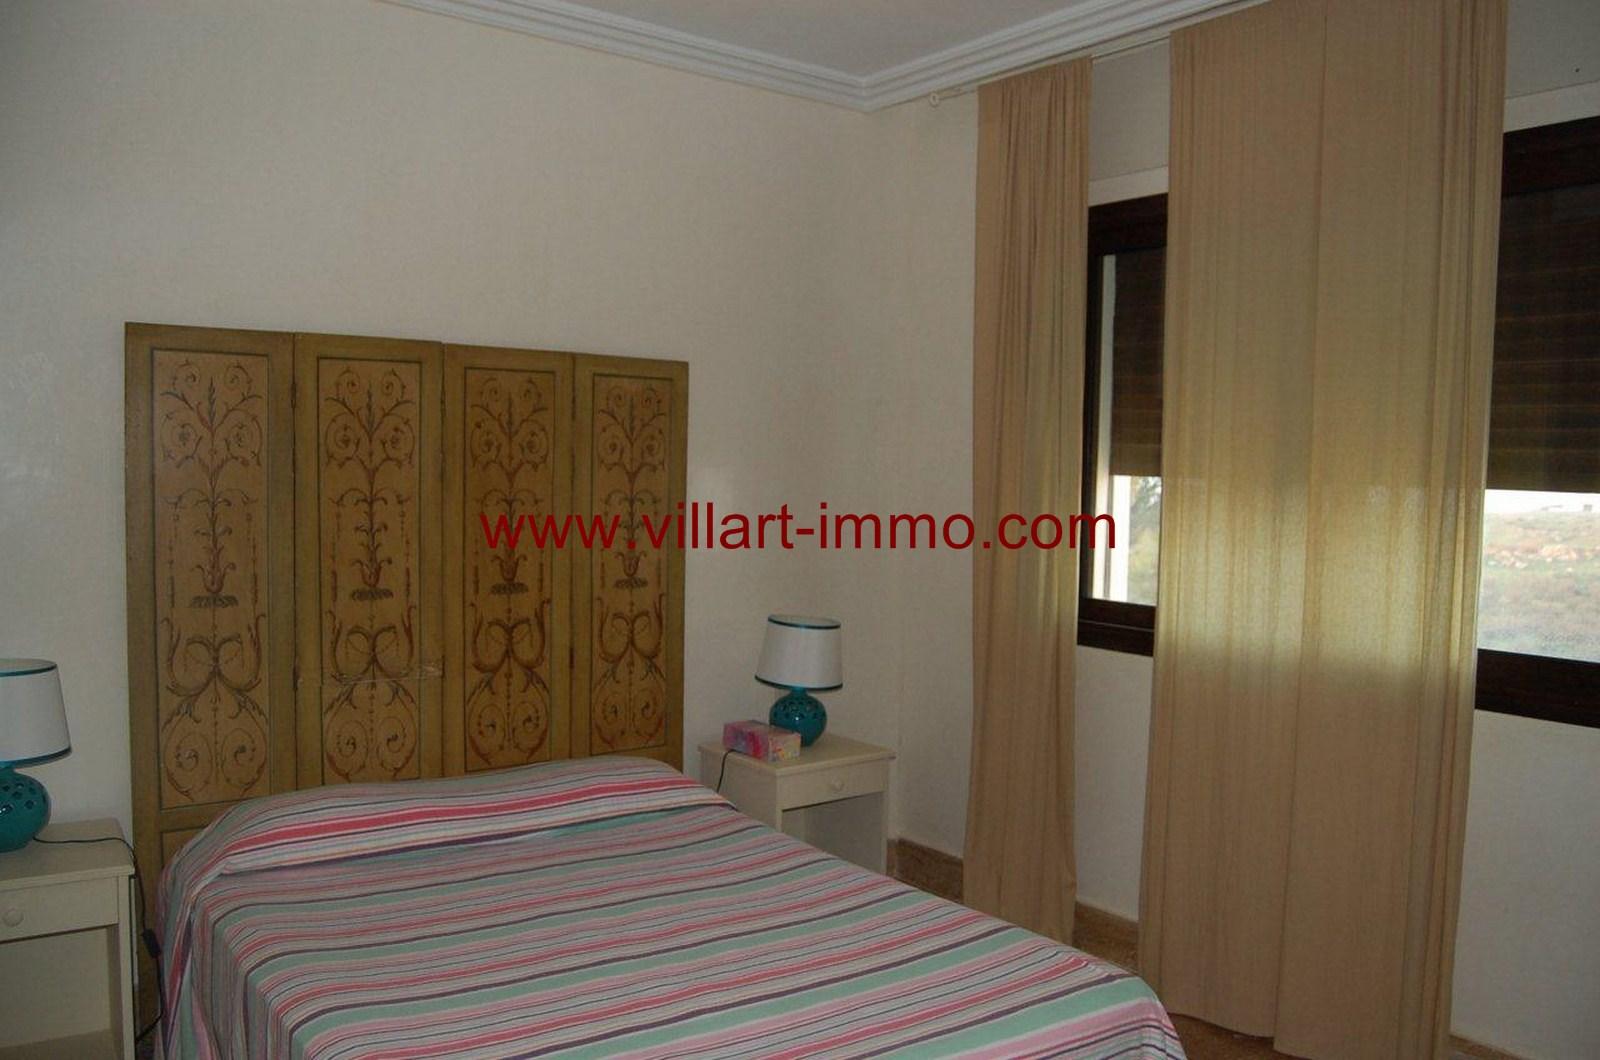 4-vente-appartement-tanger-achakar-chambre-2-va391-villart-immo